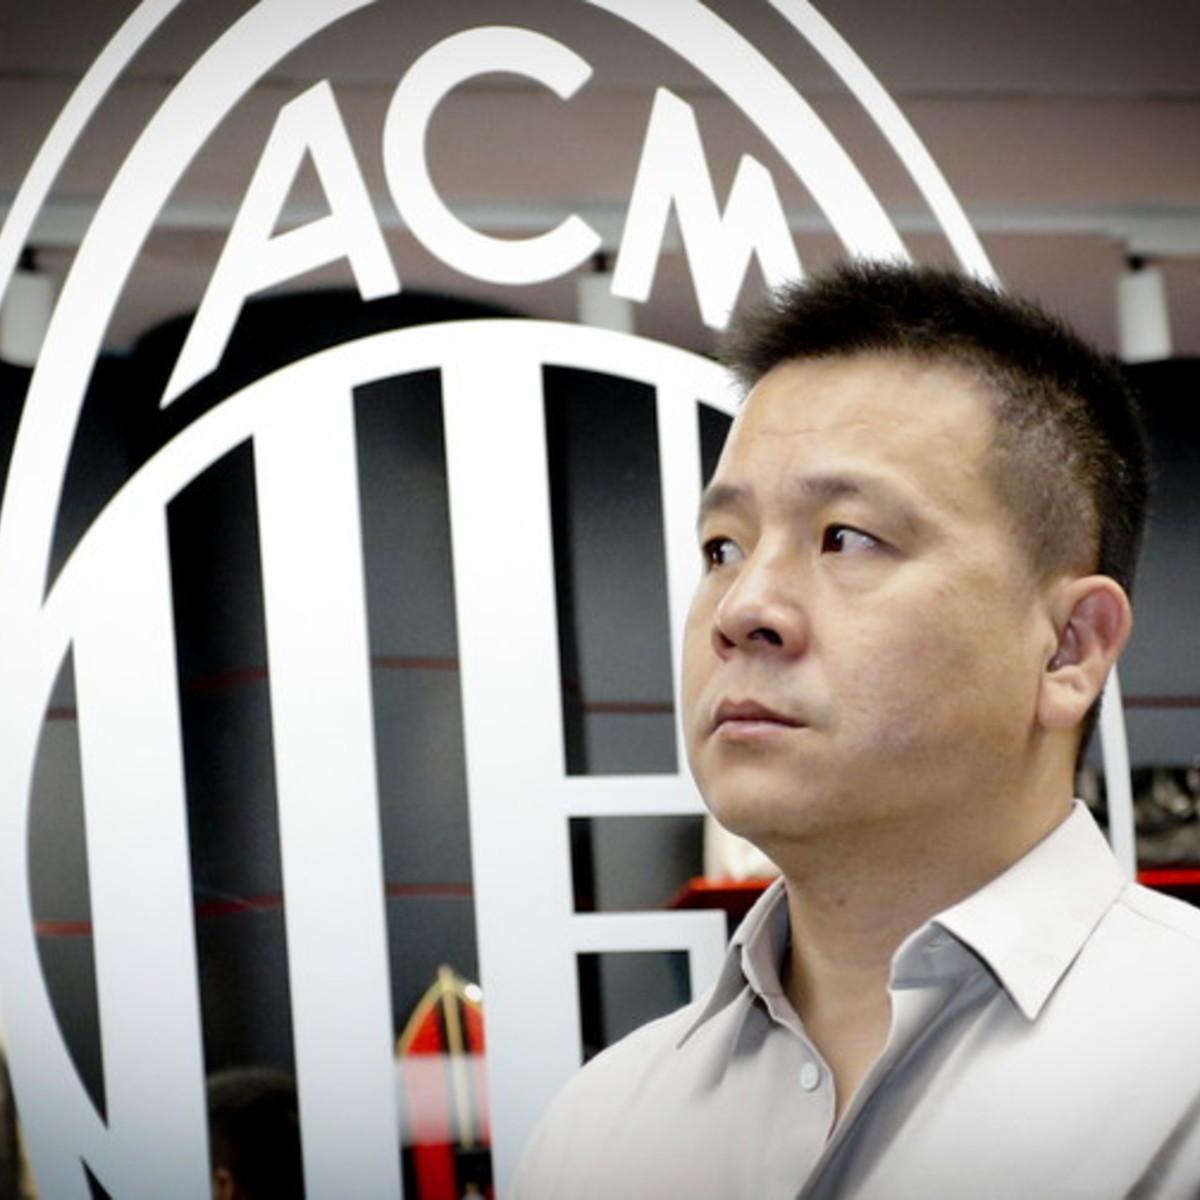 """Il ritorno di Mister Li: """"Caro Milan rieccomi! Sono pronto ad aiutarti"""""""